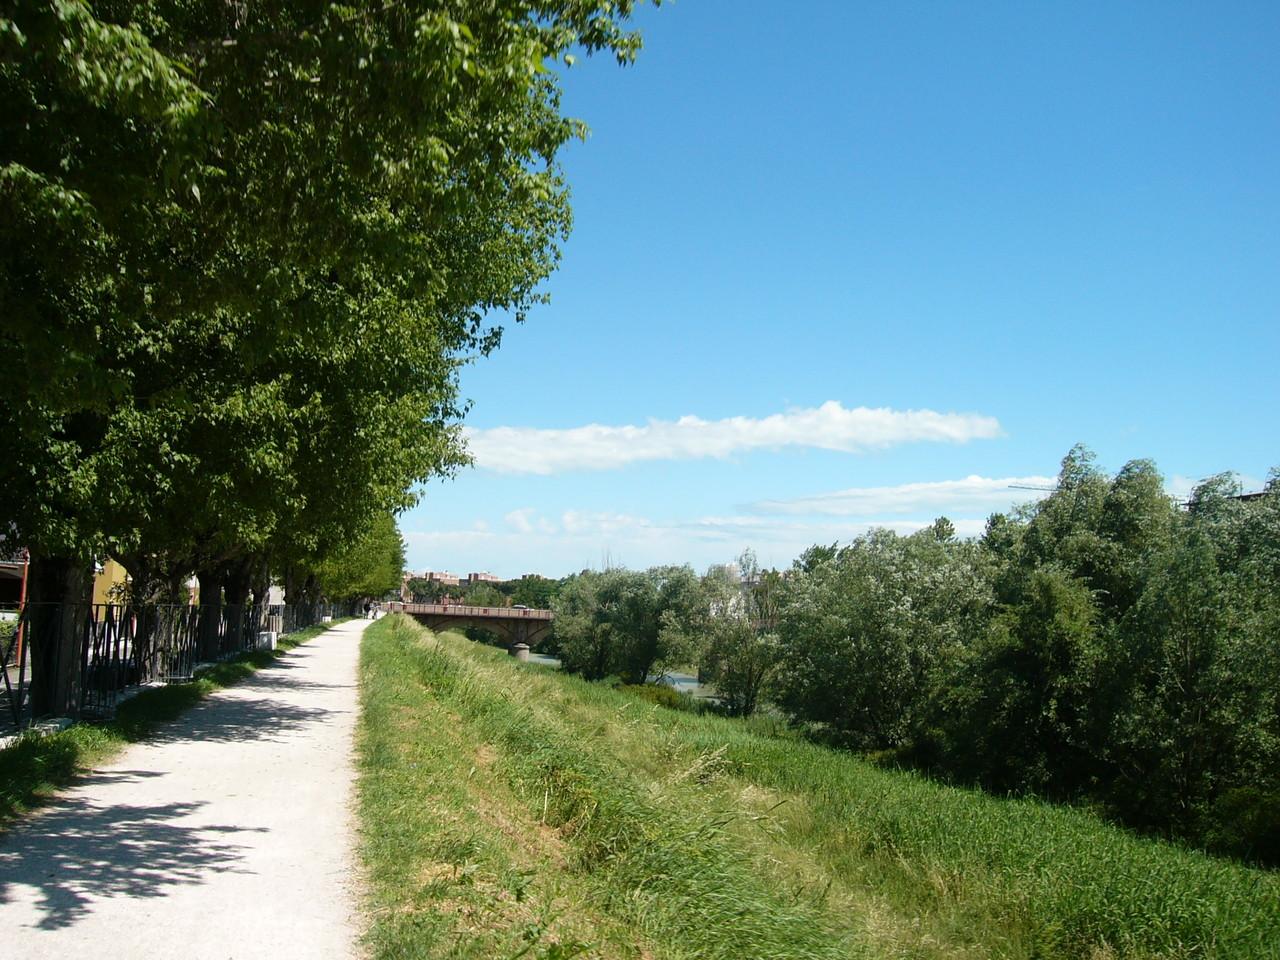 Ciclabile del Savio in centro a Cesena